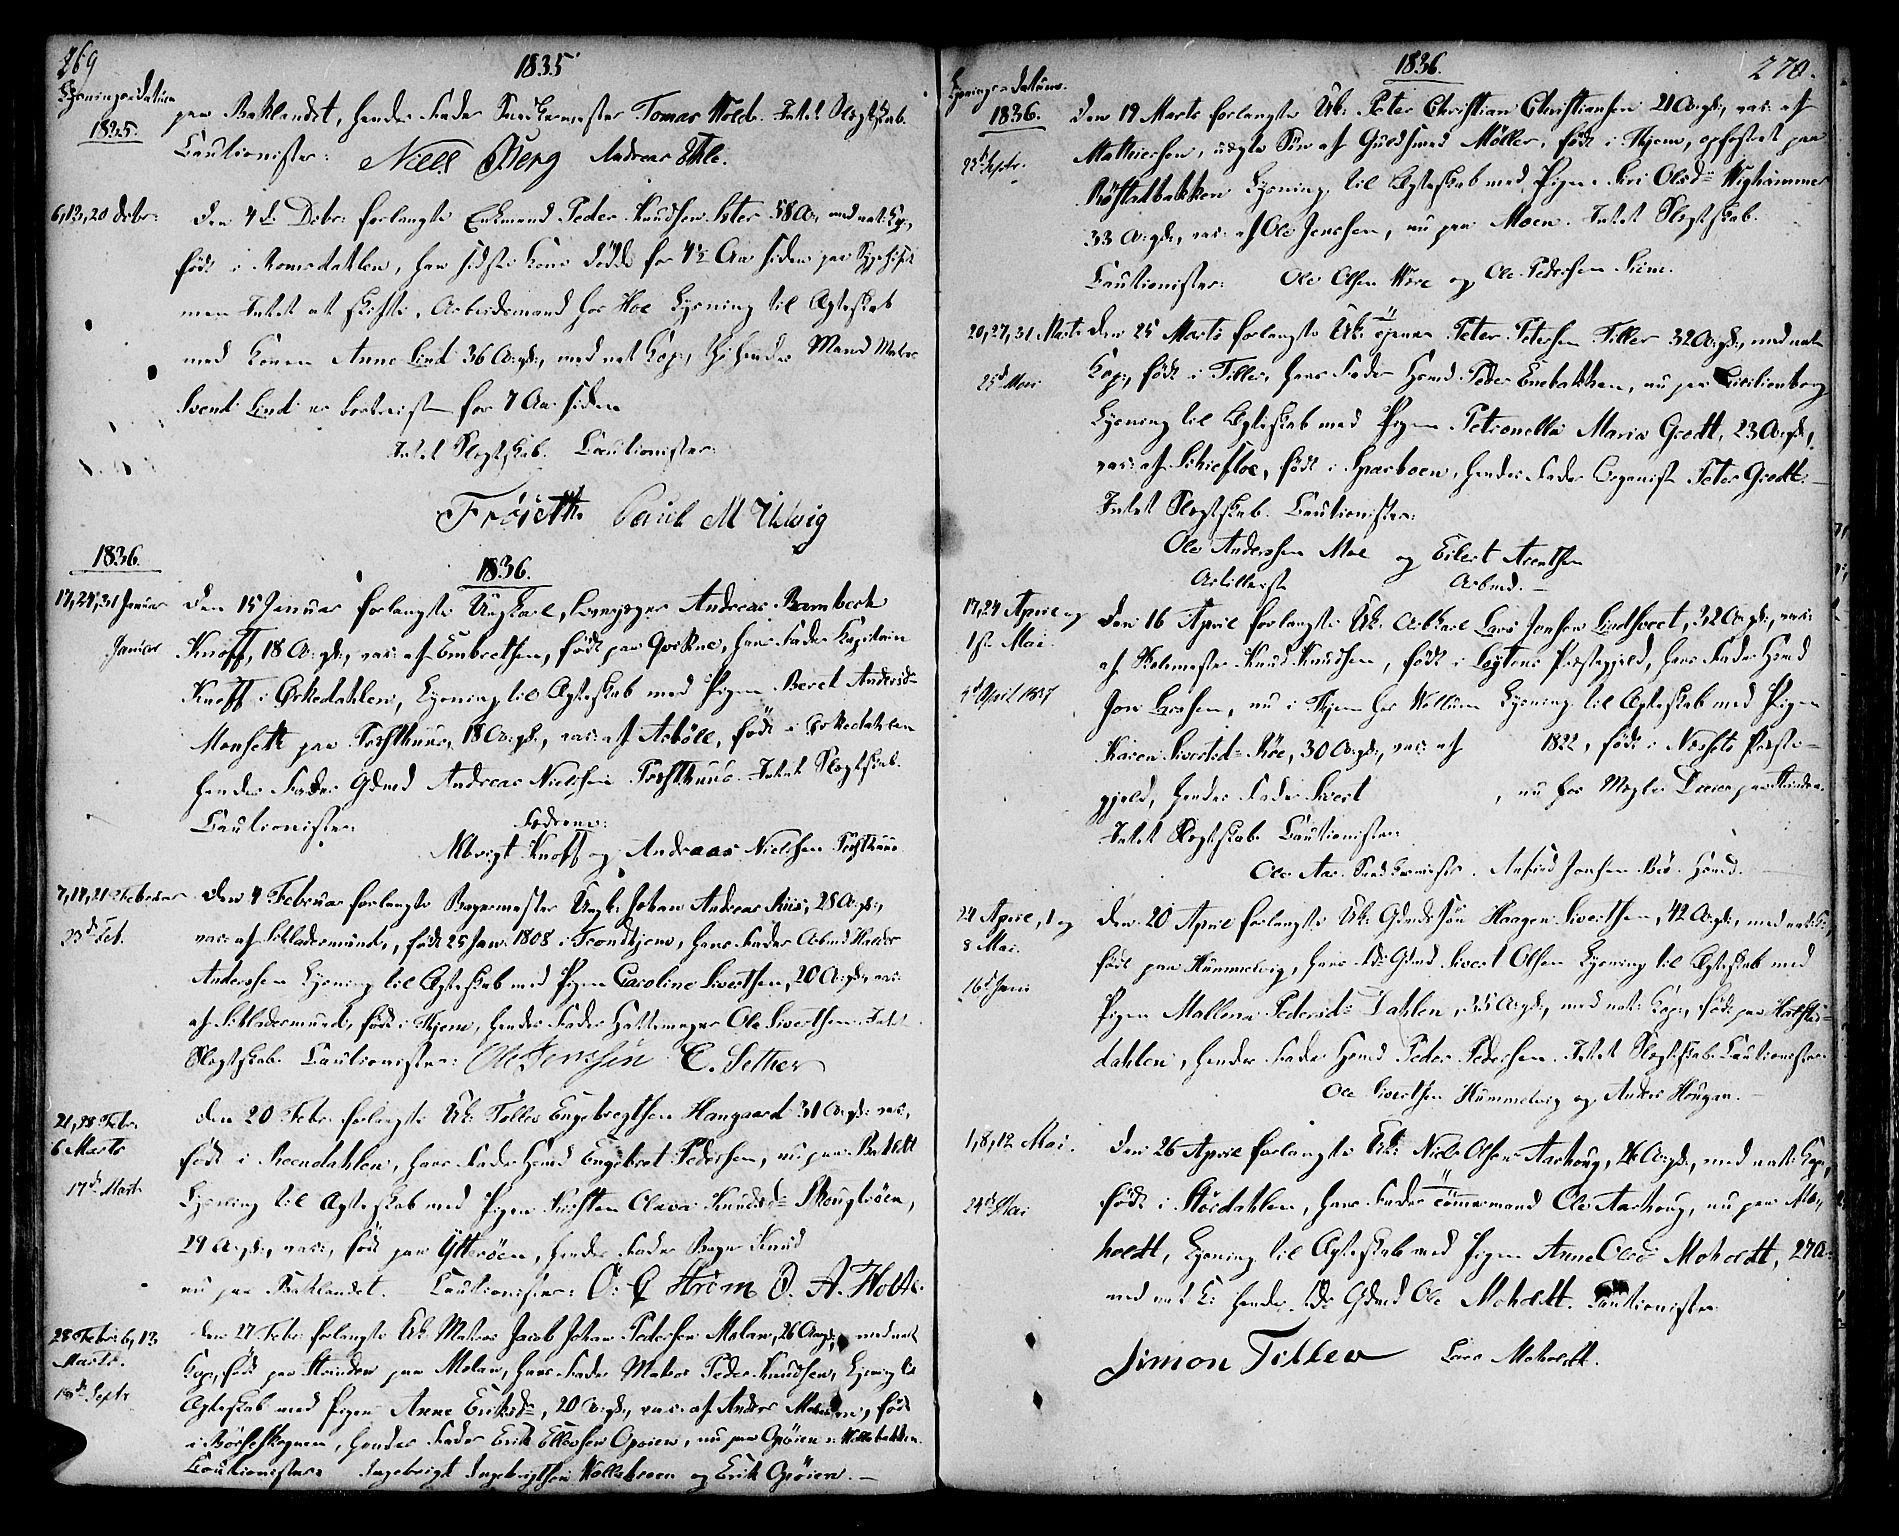 SAT, Ministerialprotokoller, klokkerbøker og fødselsregistre - Sør-Trøndelag, 604/L0181: Ministerialbok nr. 604A02, 1798-1817, s. 269-270